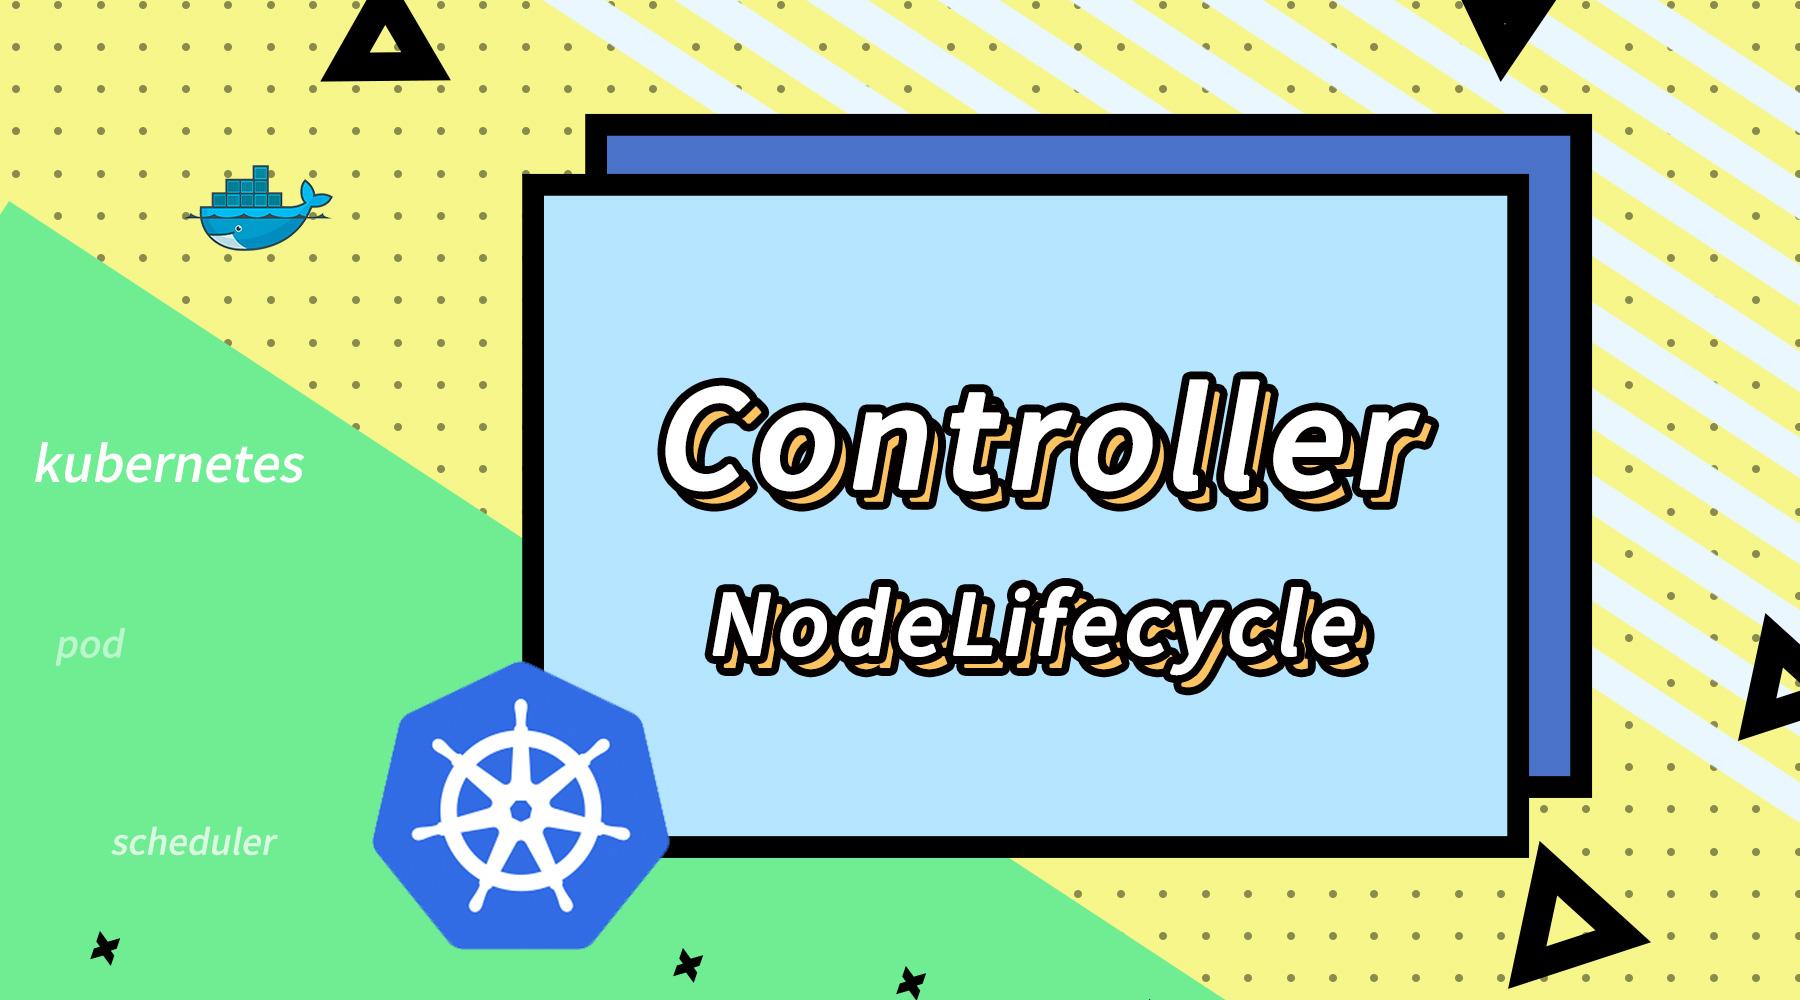 图解kubernetes控制器Node生命周期管理_Kubernetes中文社区